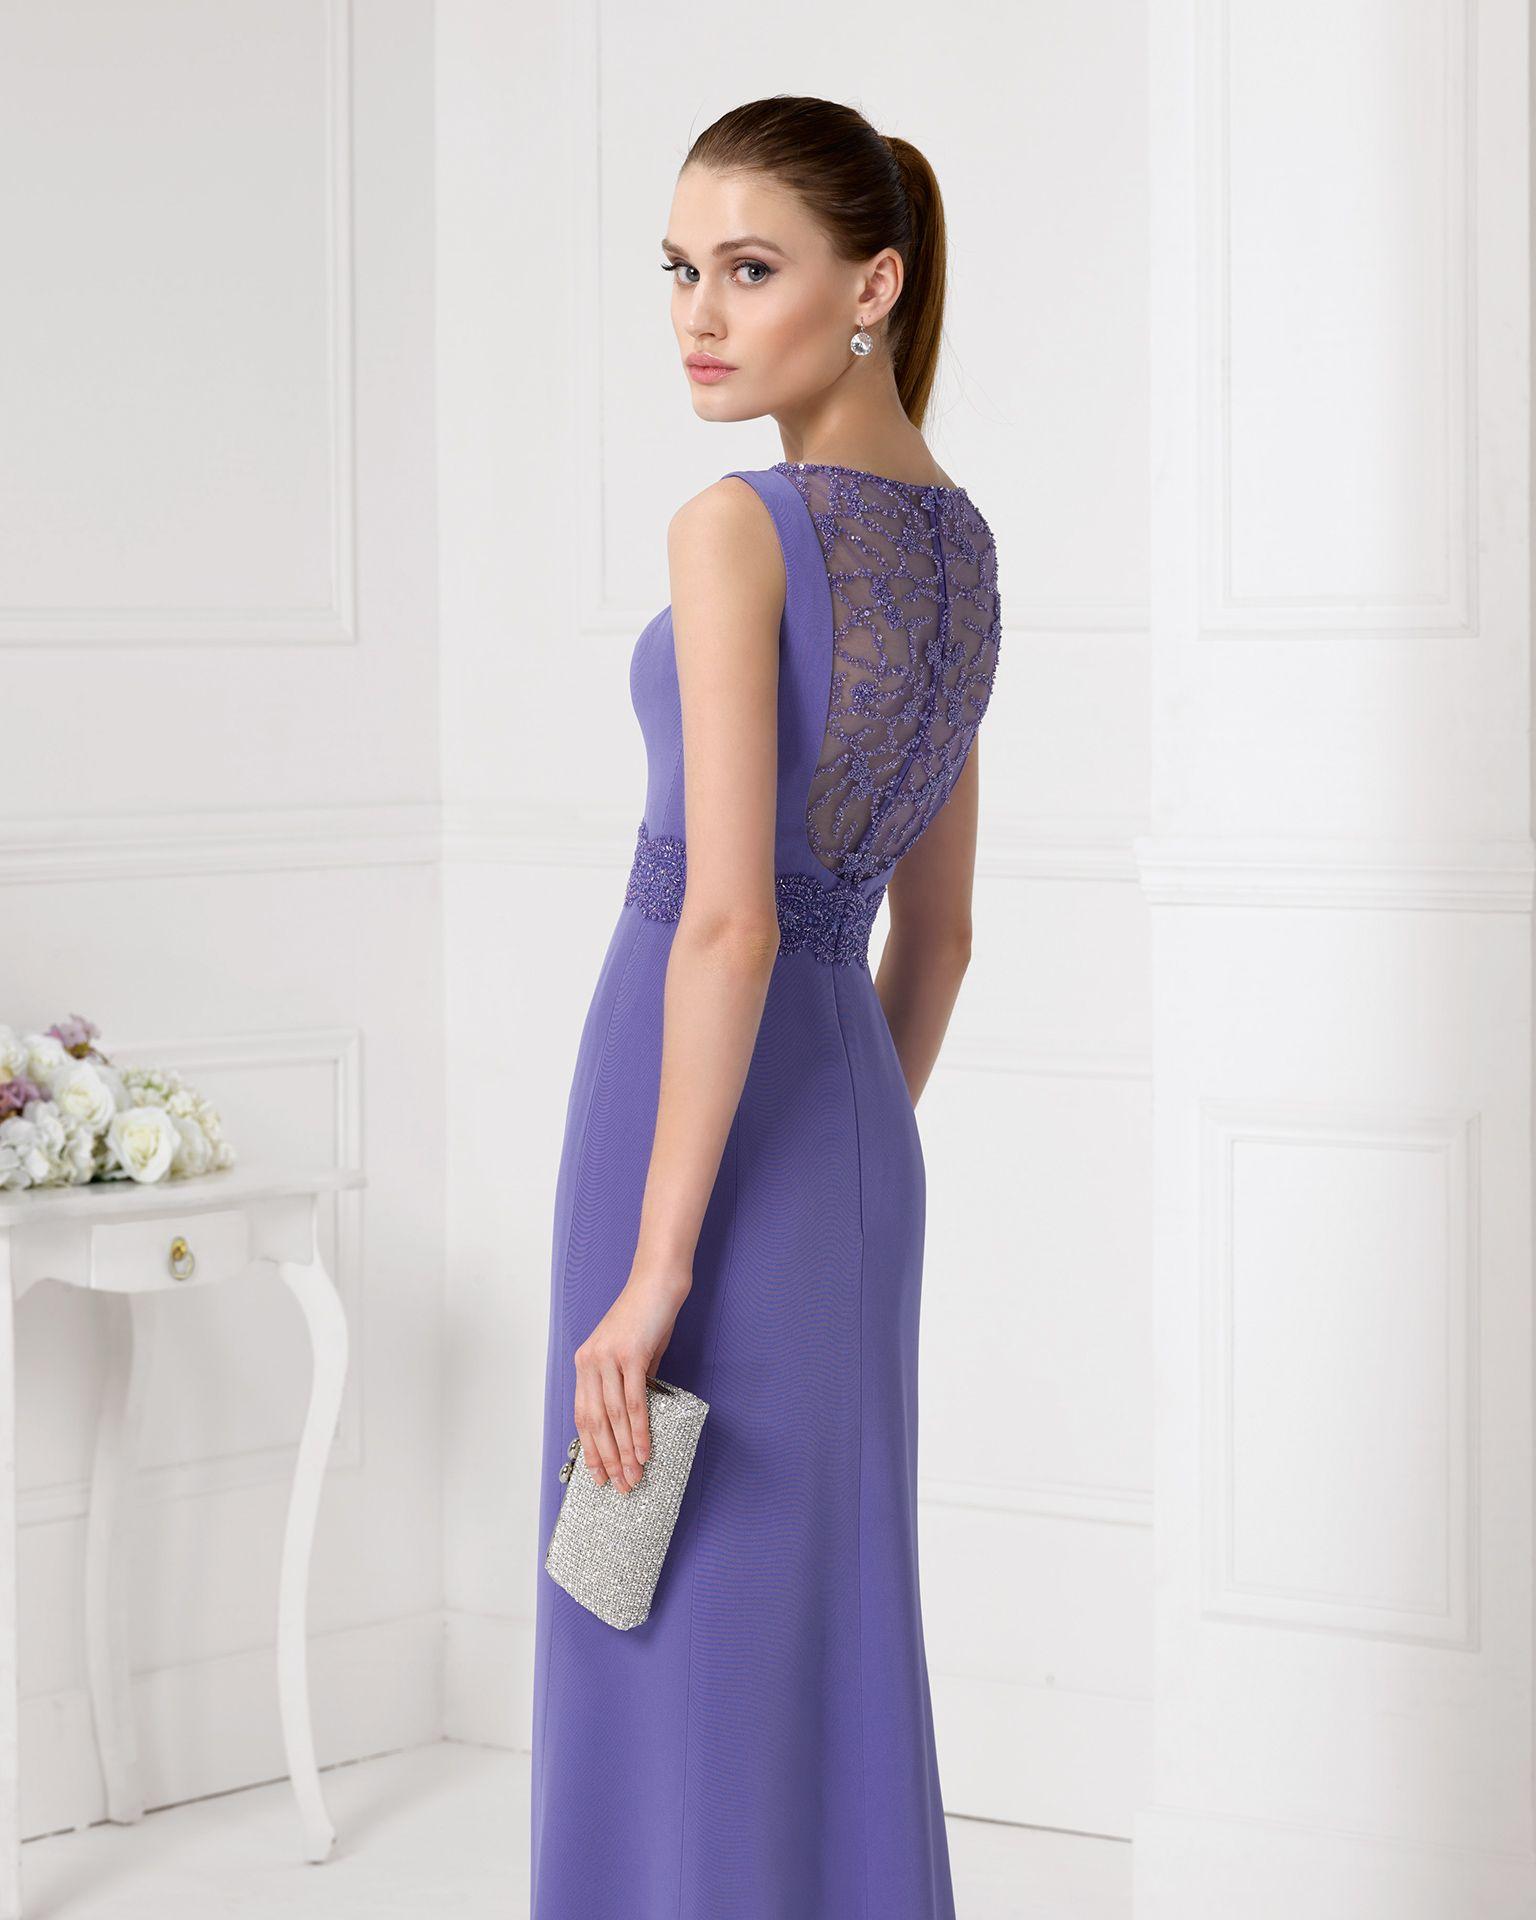 9U154 vestido de fiesta en crepe y pedreria. | Vestidos Sara ...